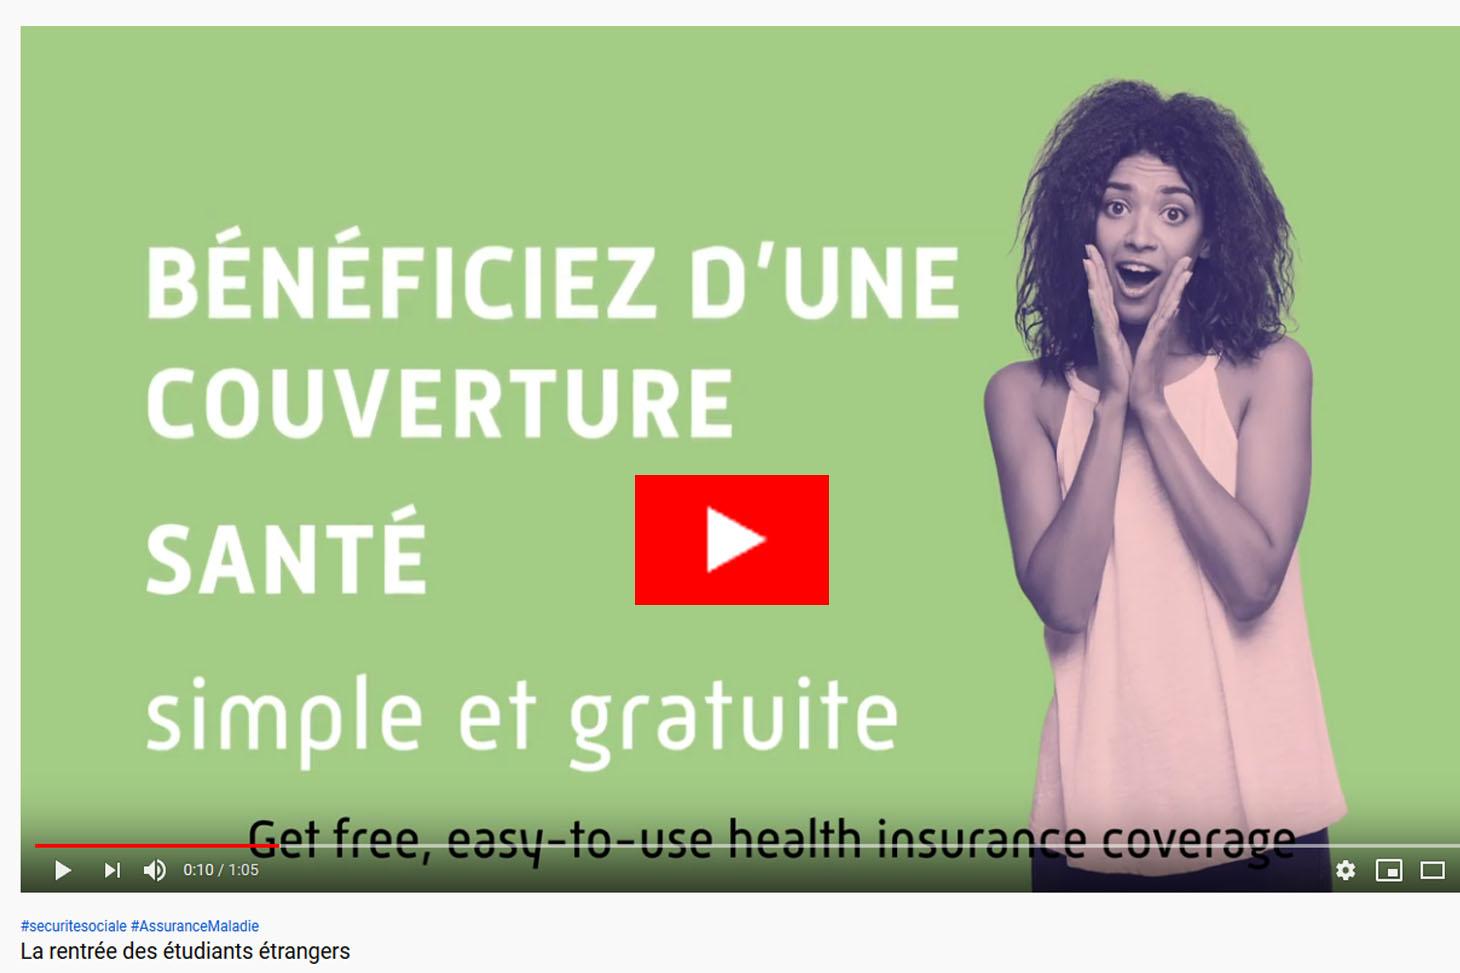 Vidéo assurance maladie